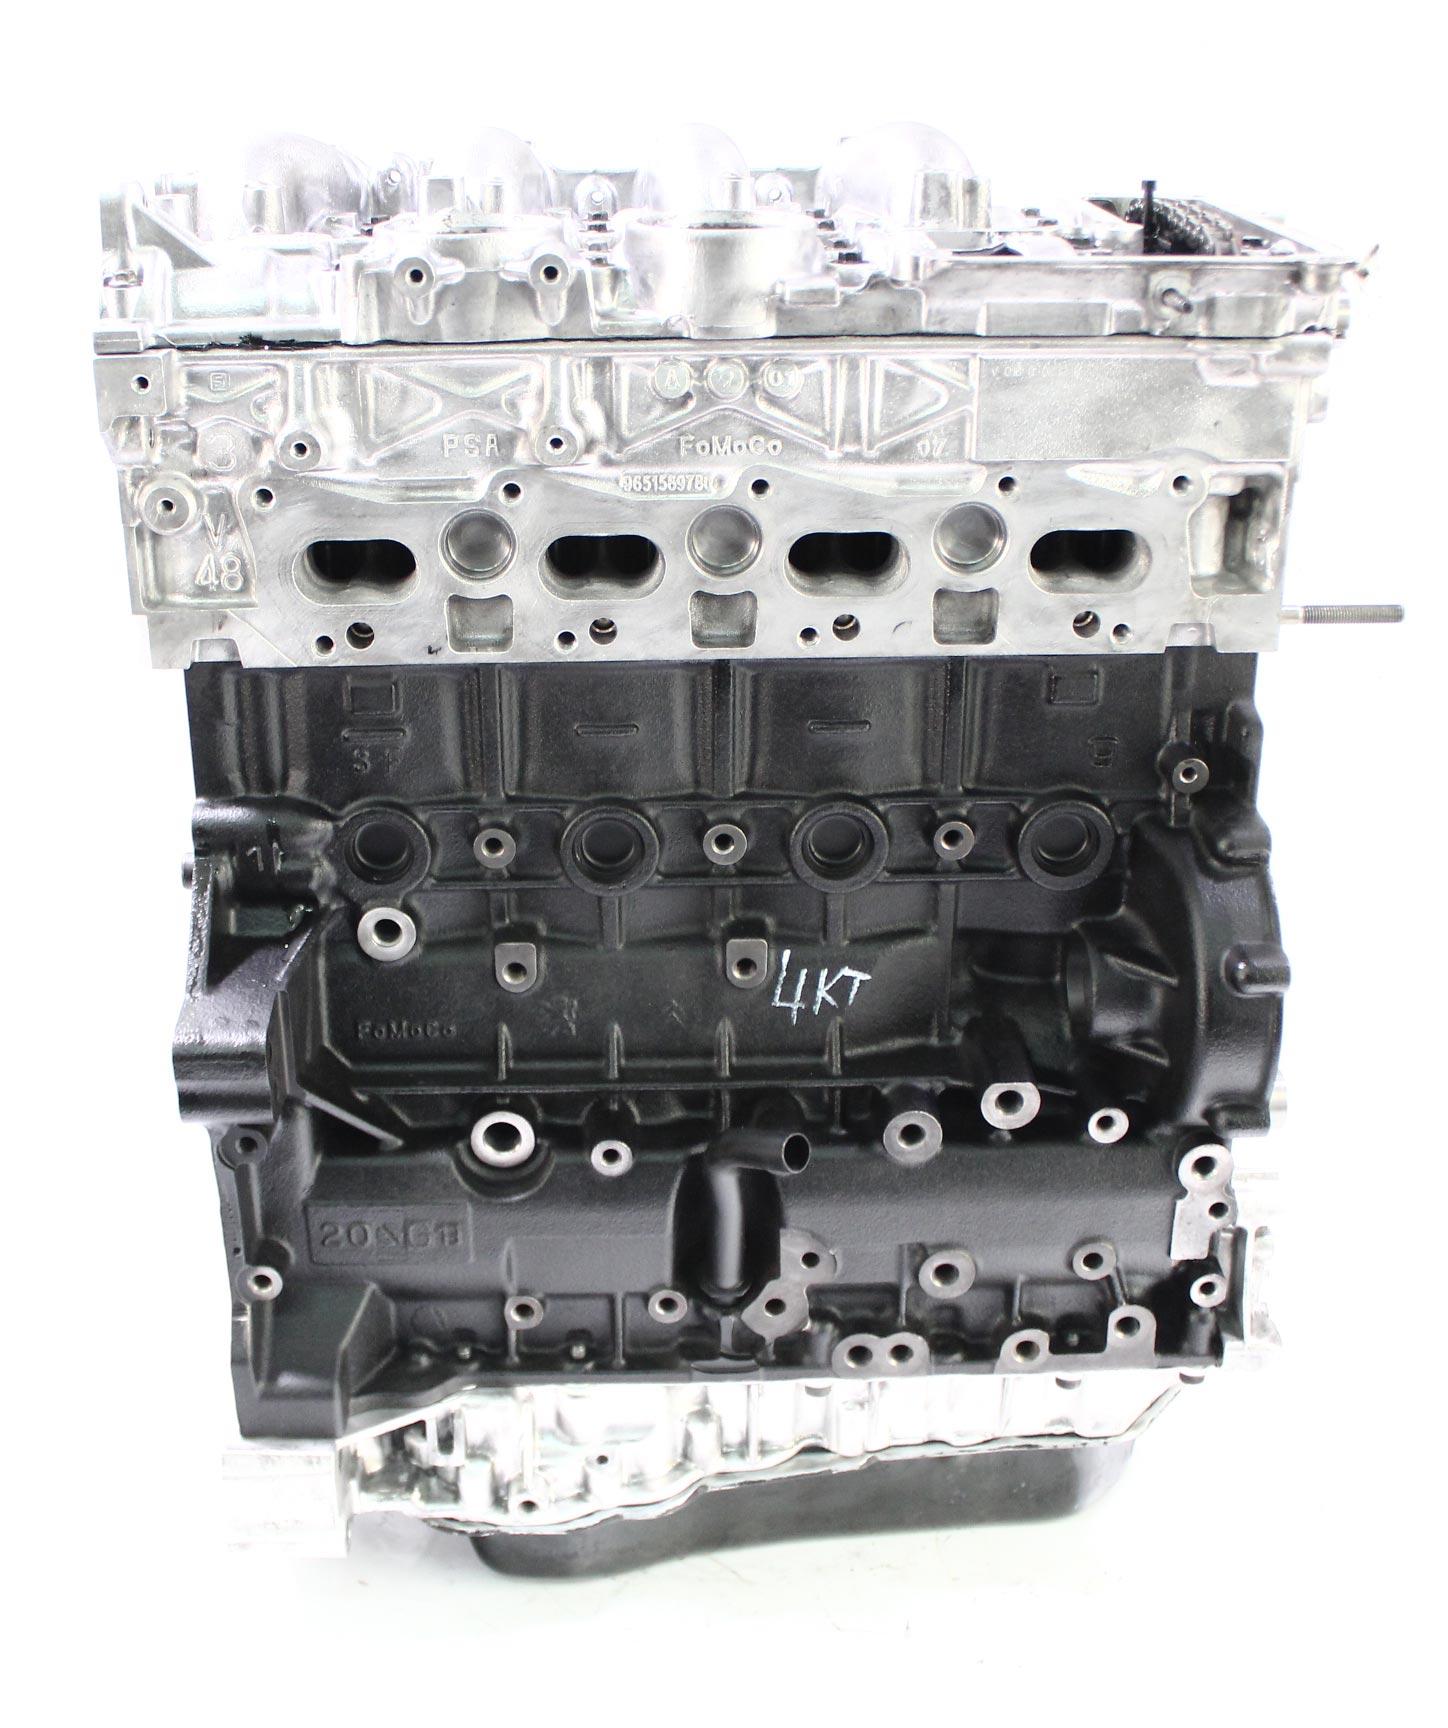 Motor 2011 Jaguar Land Rover 2,2 D 224DT Zylinderkopf geplant Dichtung NEU